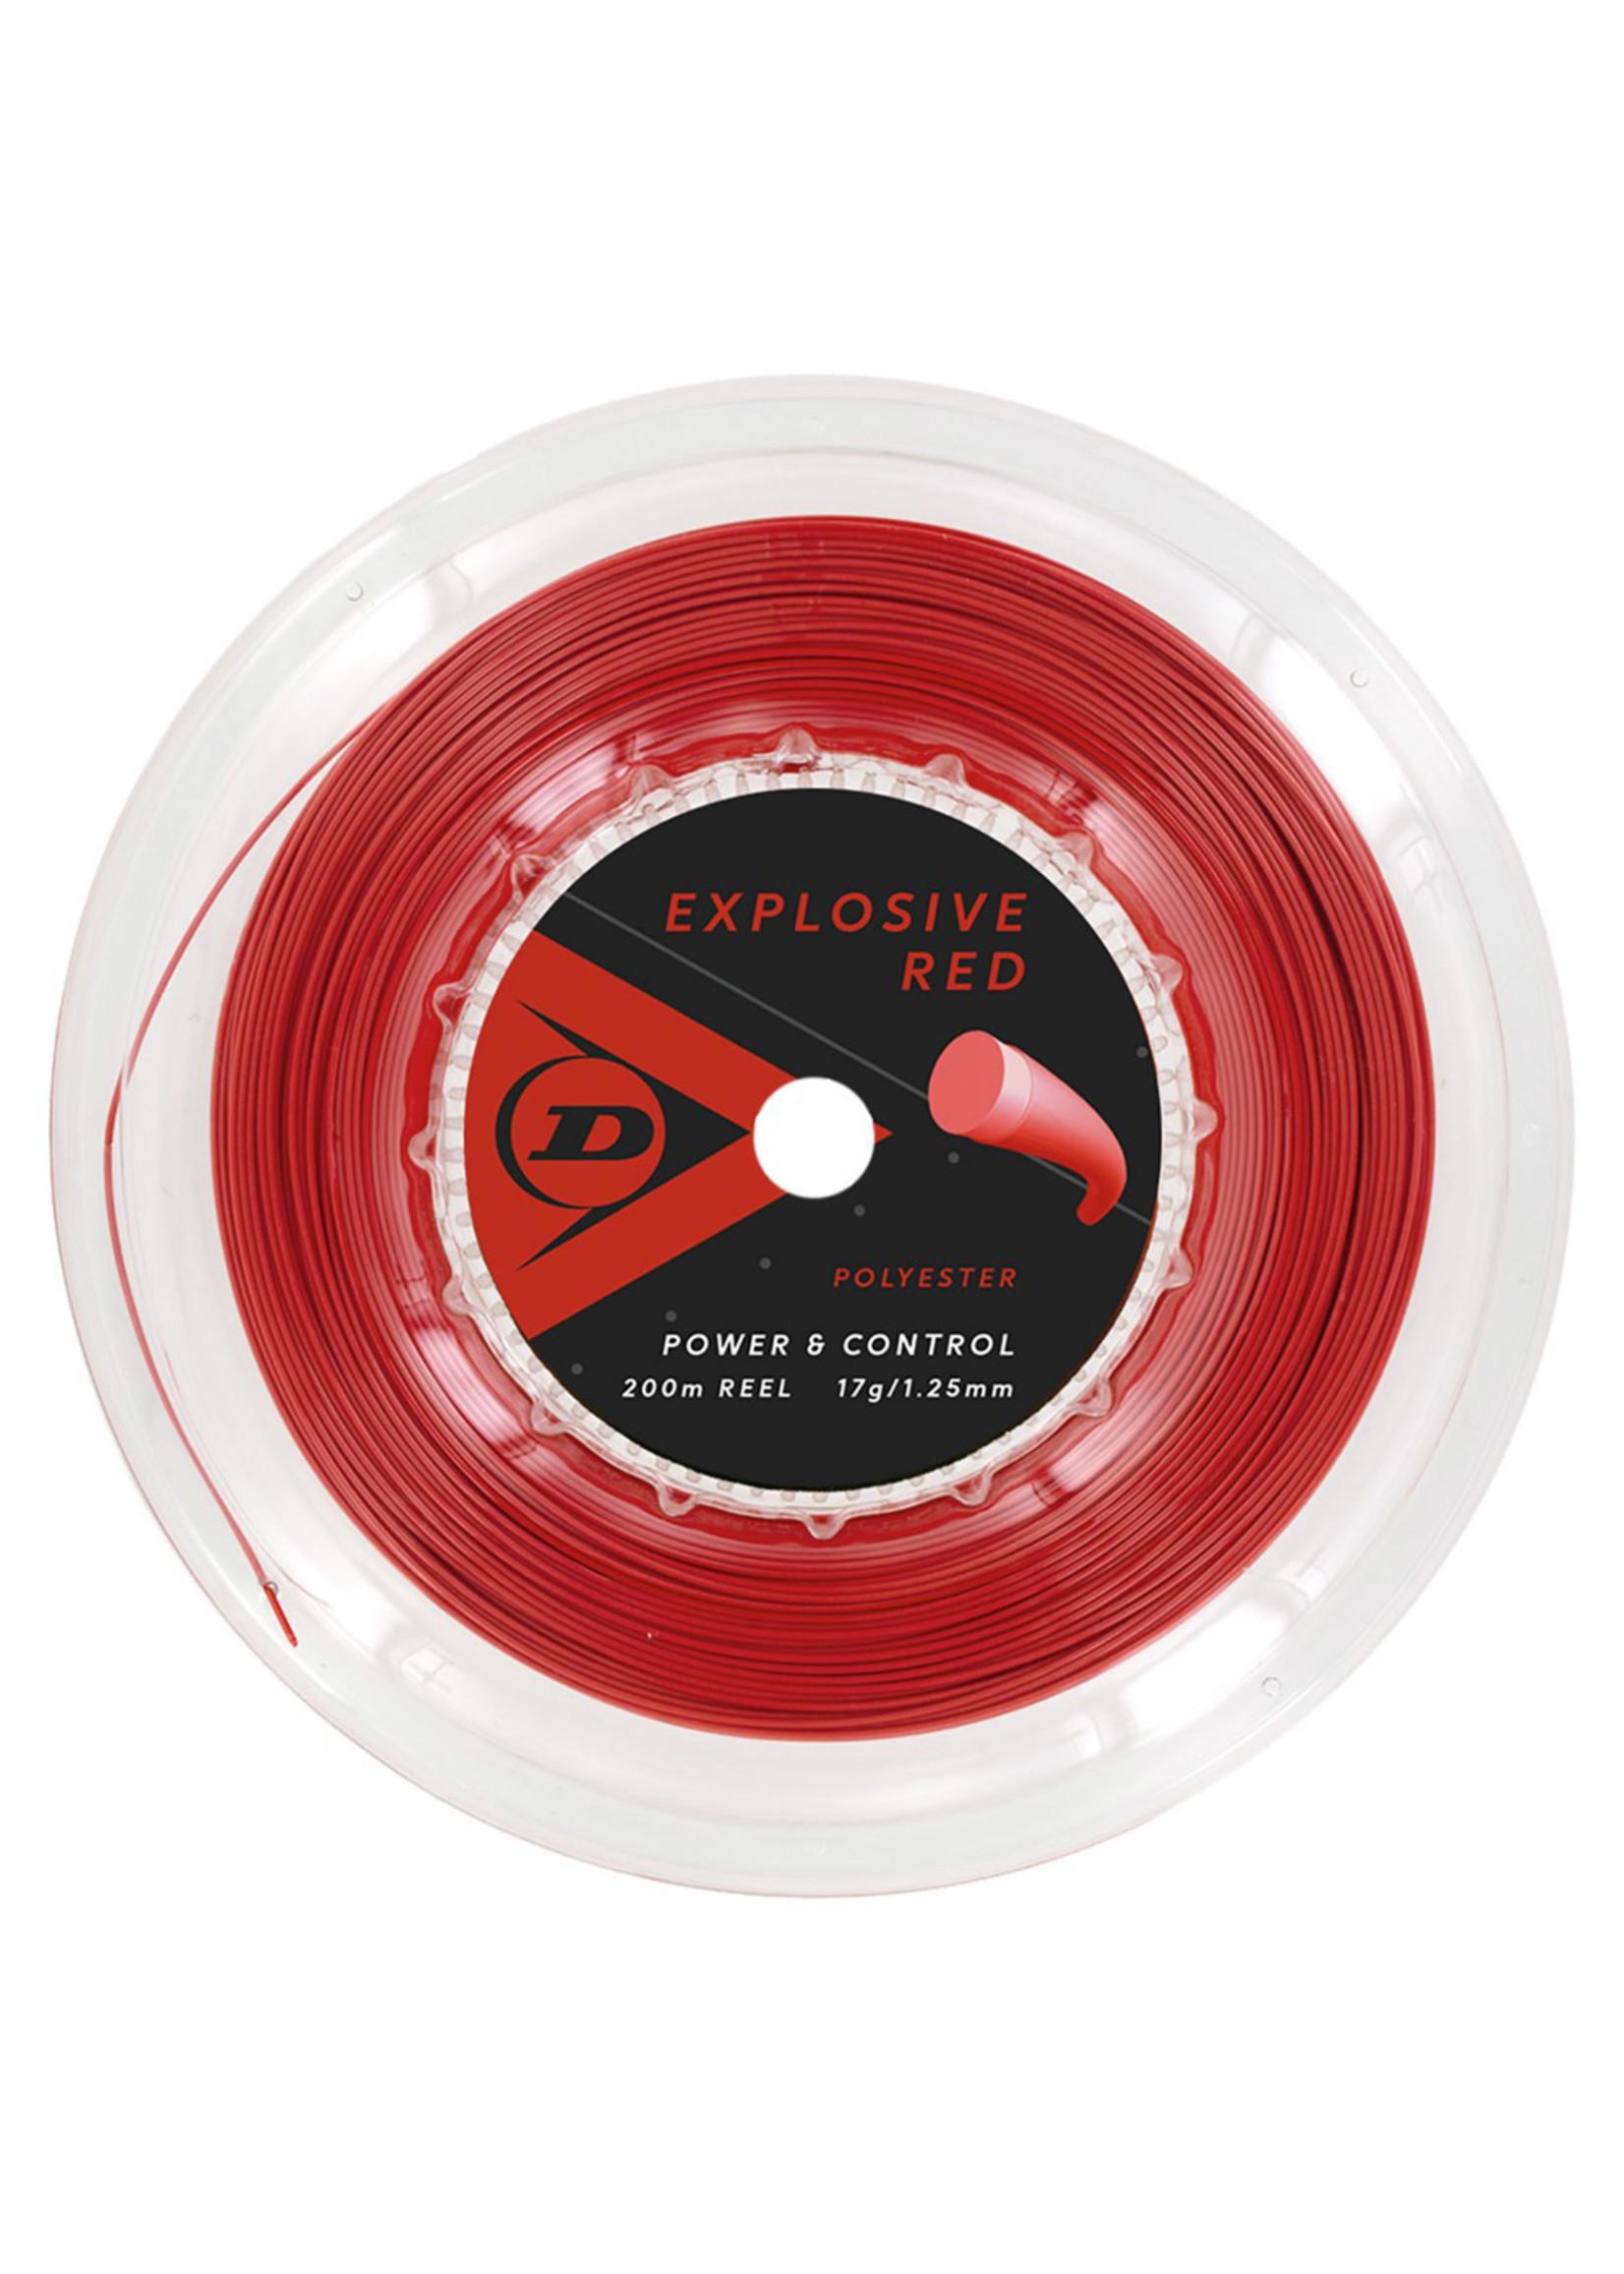 Dunlop Srixon Dunlop Srixon Explosive Red Restring